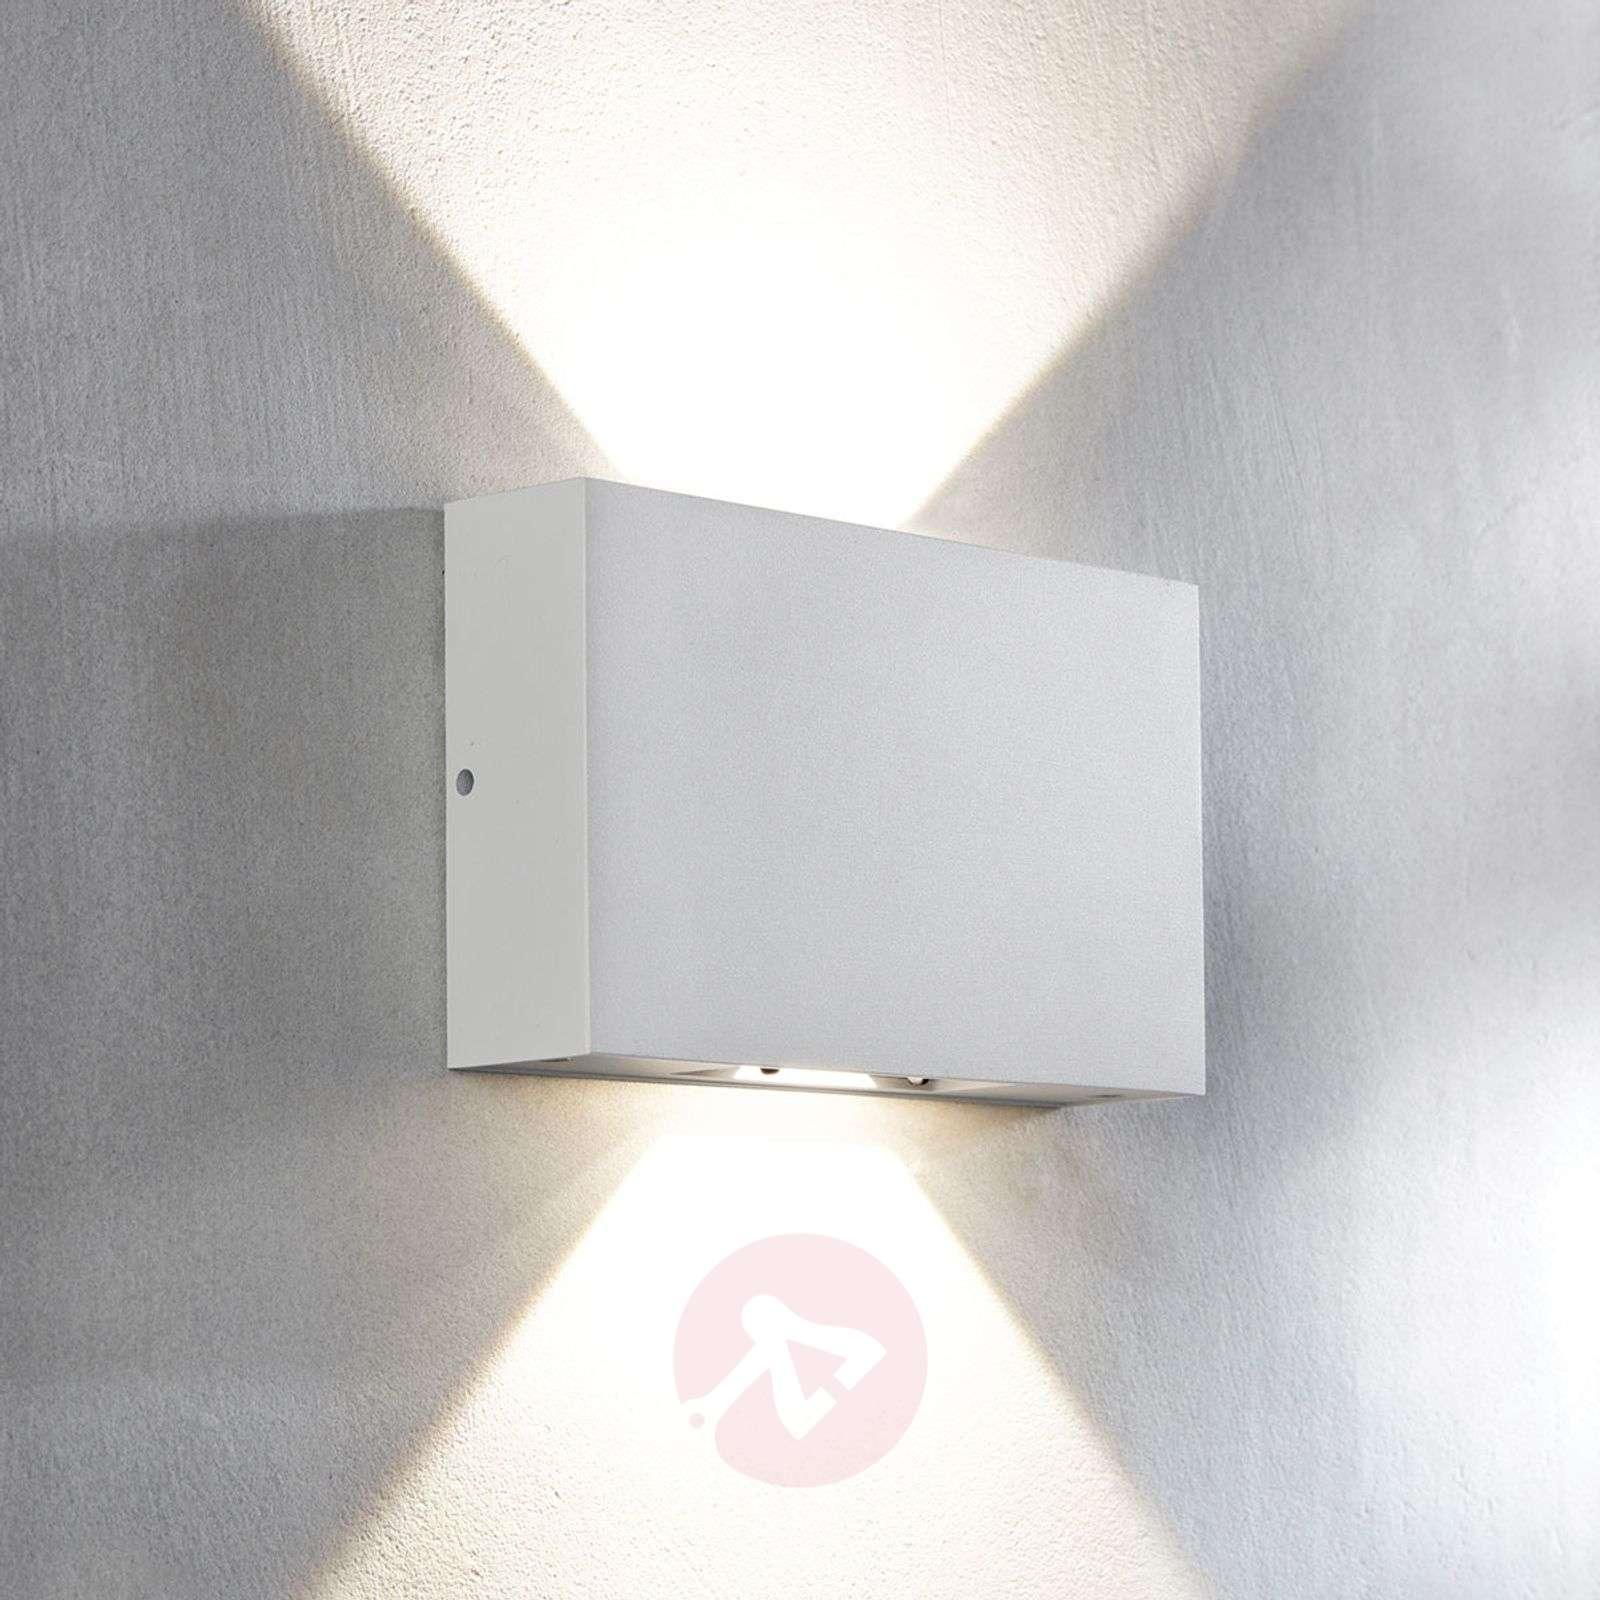 LED-ulkoseinävalaisin Katla alumiinista-9969143-02